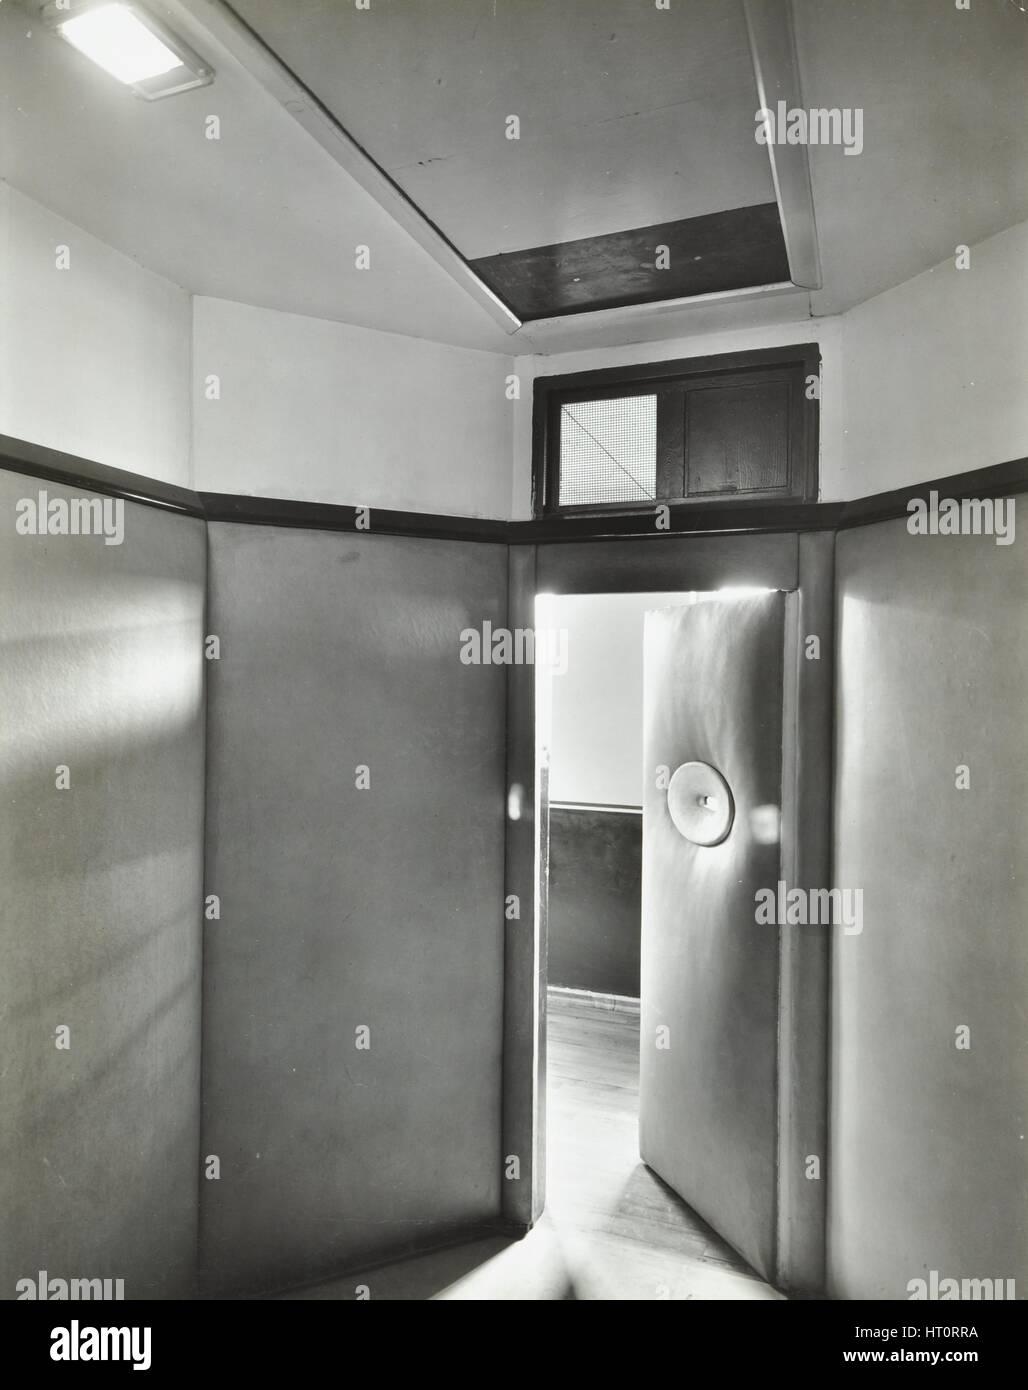 Camera imbottito, Saint Ebba's Hospital, Surrey, 1938. Artista: sconosciuto. Foto Stock